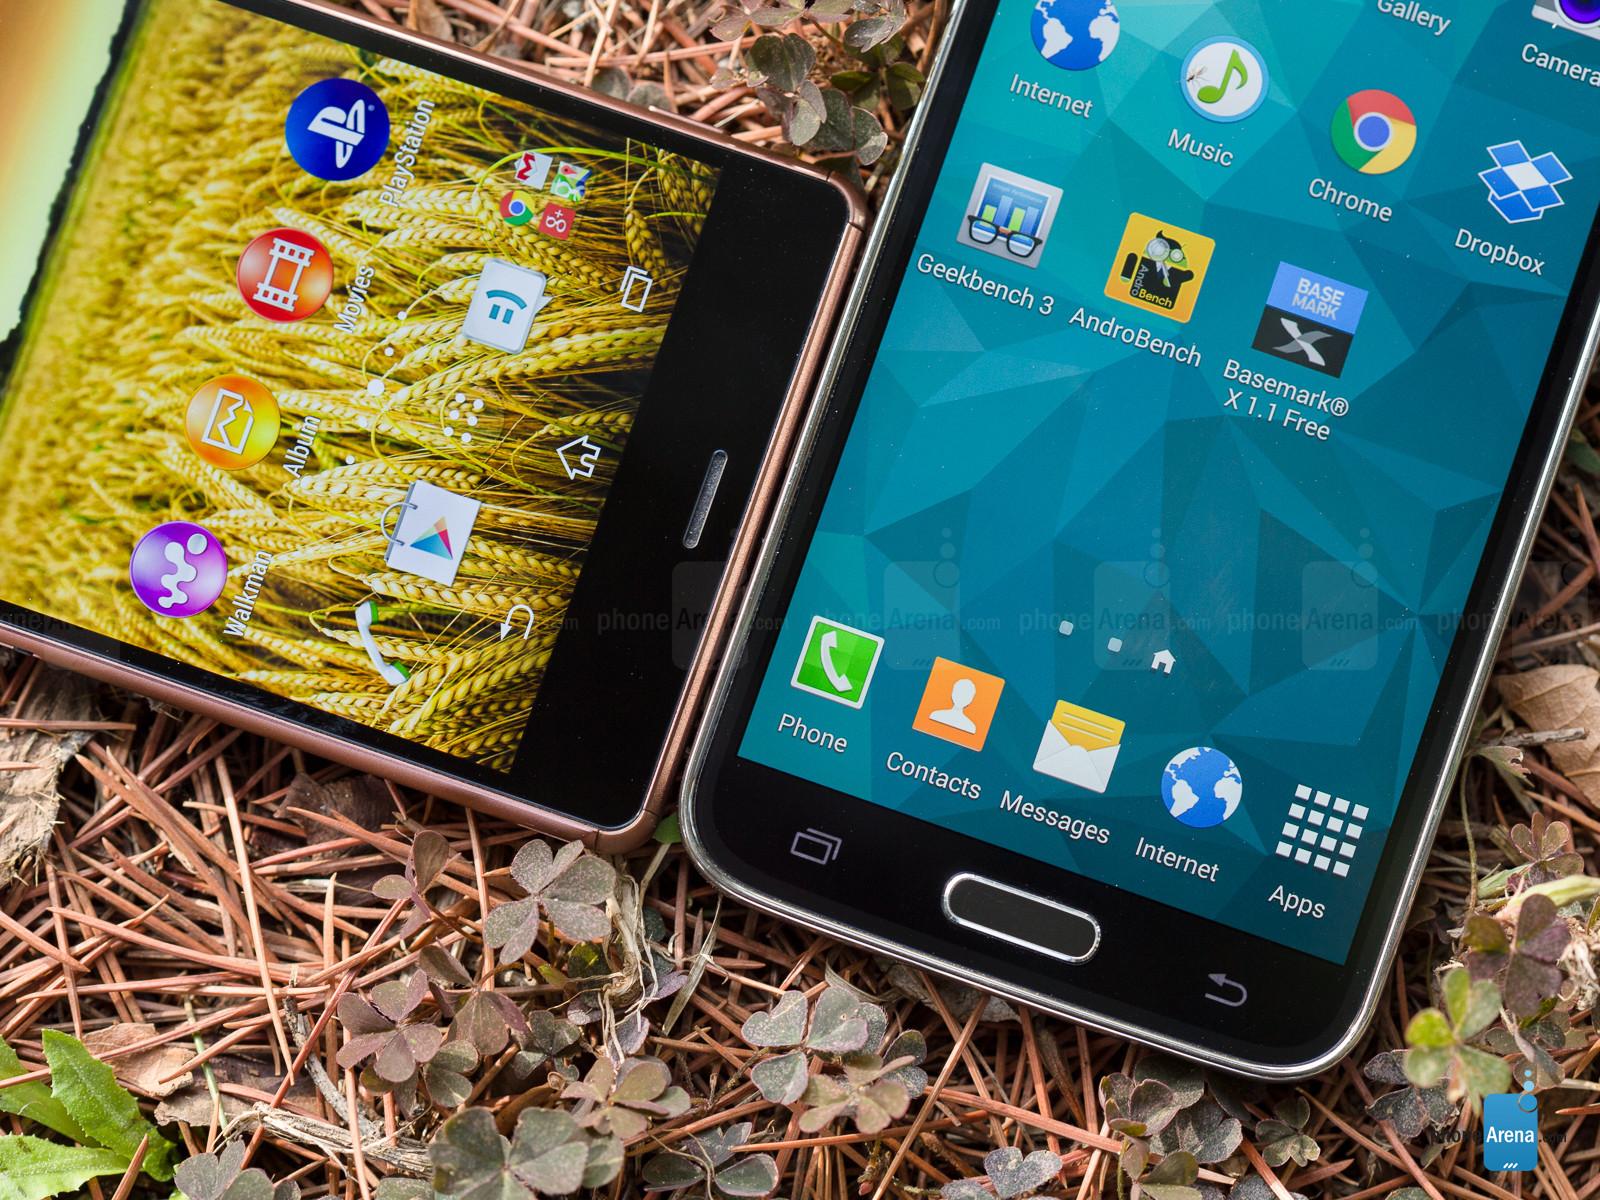 منوهای مخفی در تلفن های هوشمند را بشناسید!